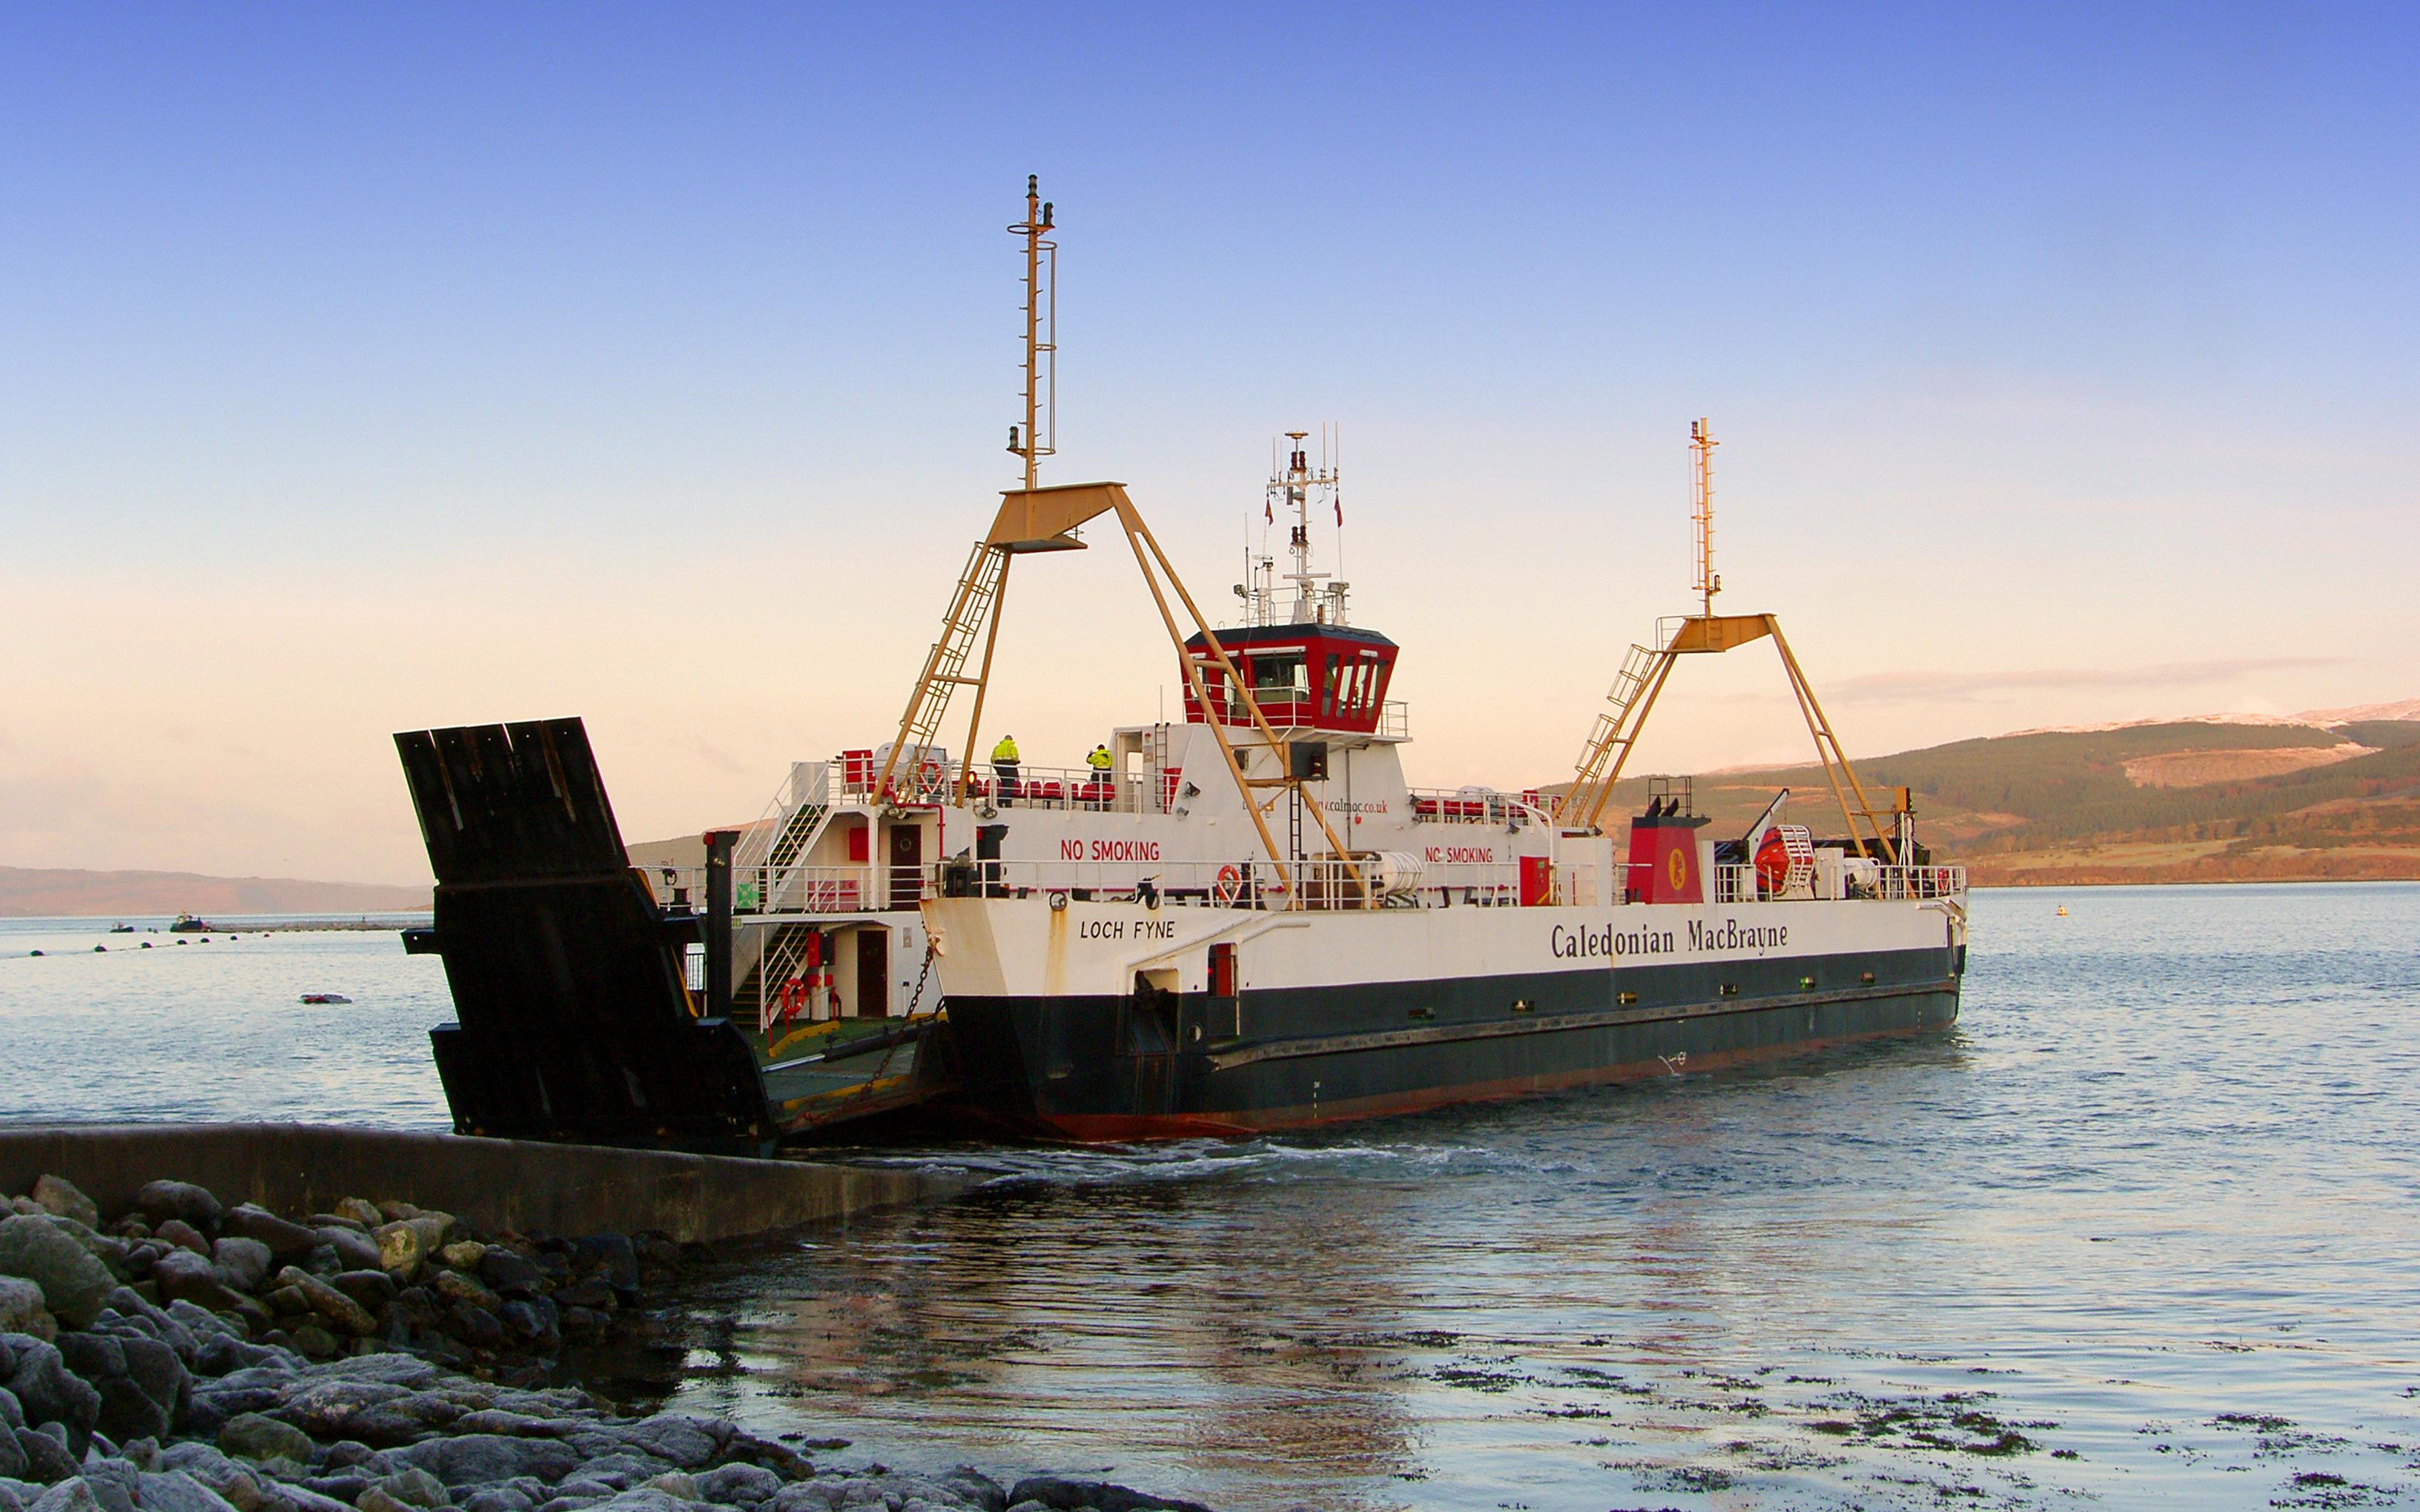 Loch Fyne at Fishnish (Ships of CalMac)